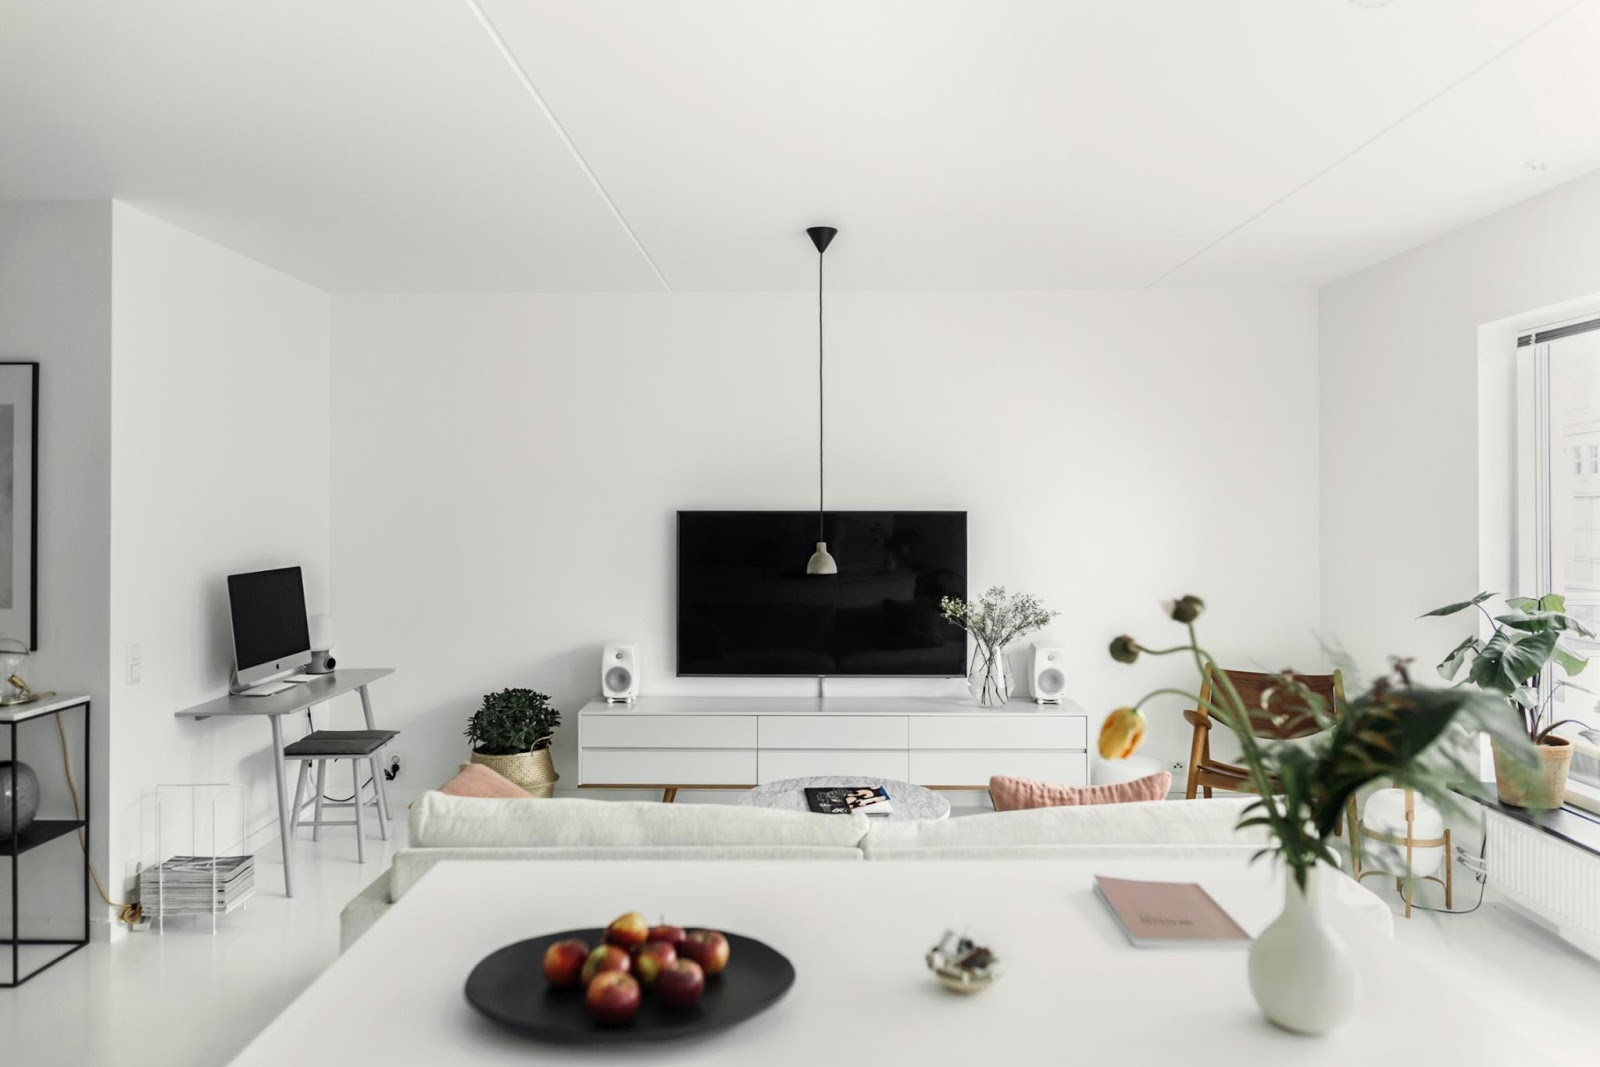 decoracion-distribucion-estilo-nordico-espacios-pequenos